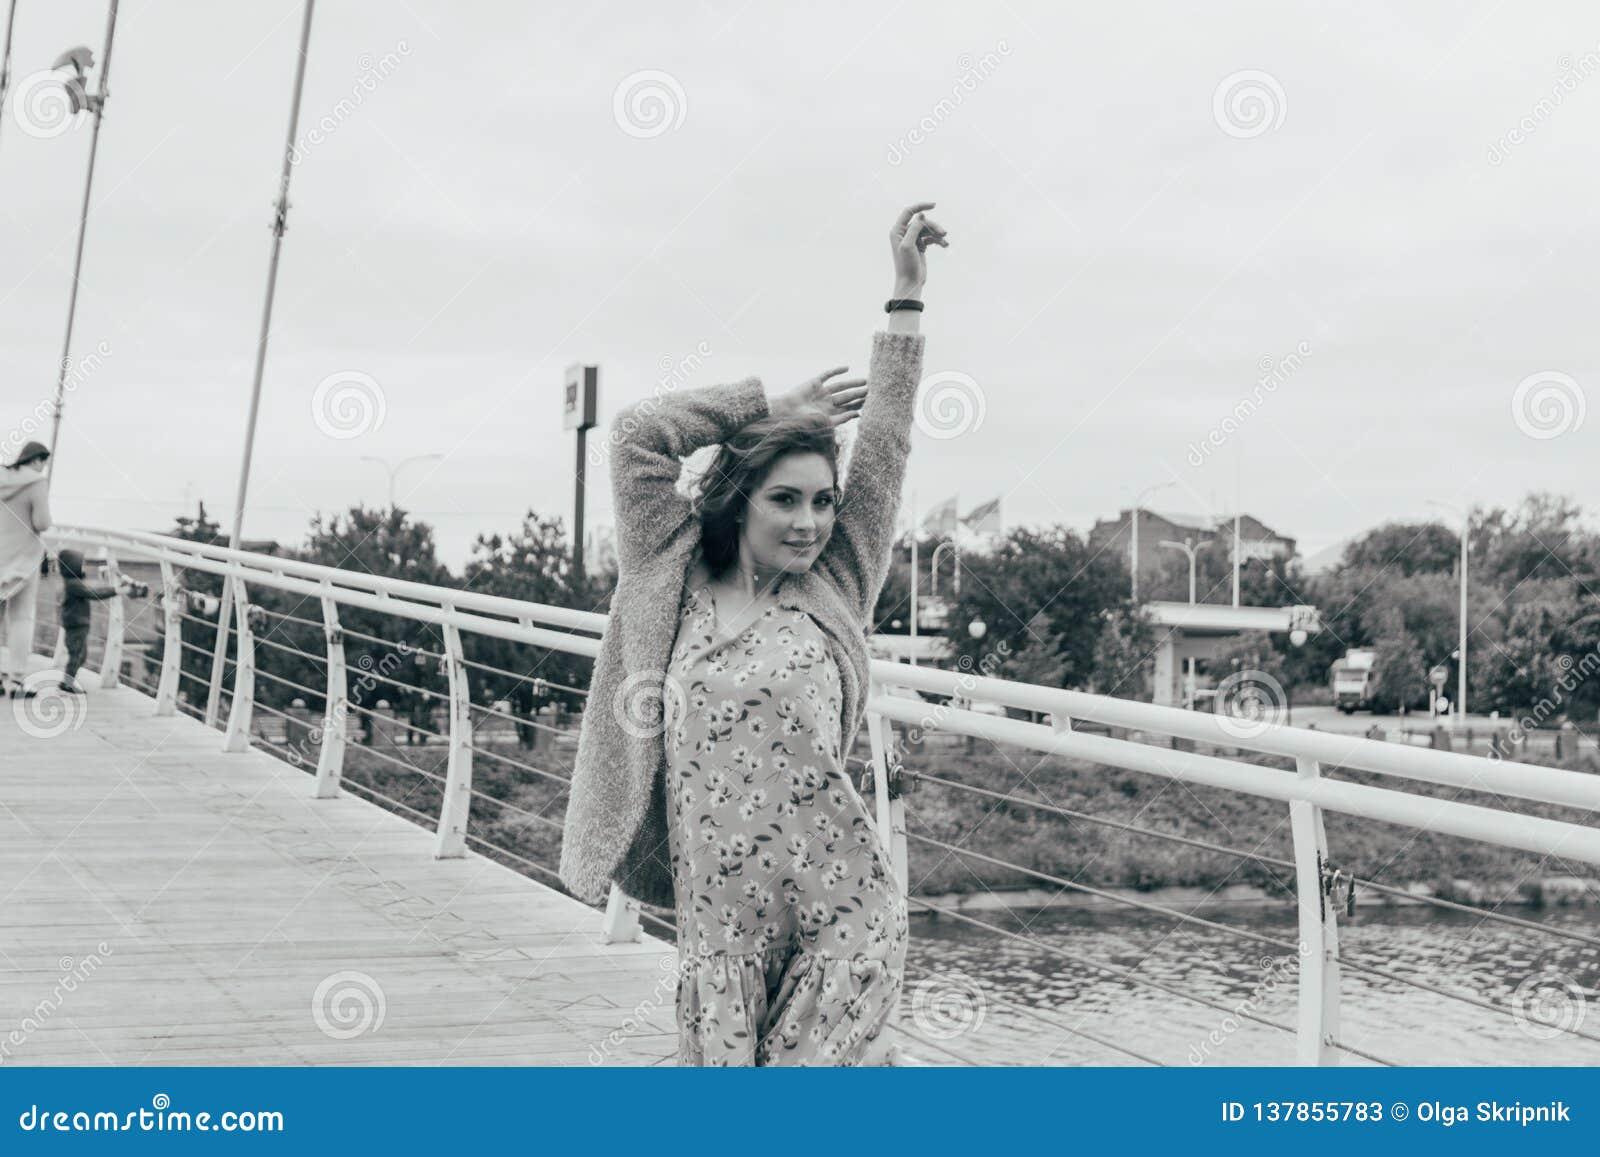 La bella ragazza sta sul ponte, il vento soffia nel suo fronte, sviluppante i suoi capelli Sorrisi della ragazza foto in bianco e